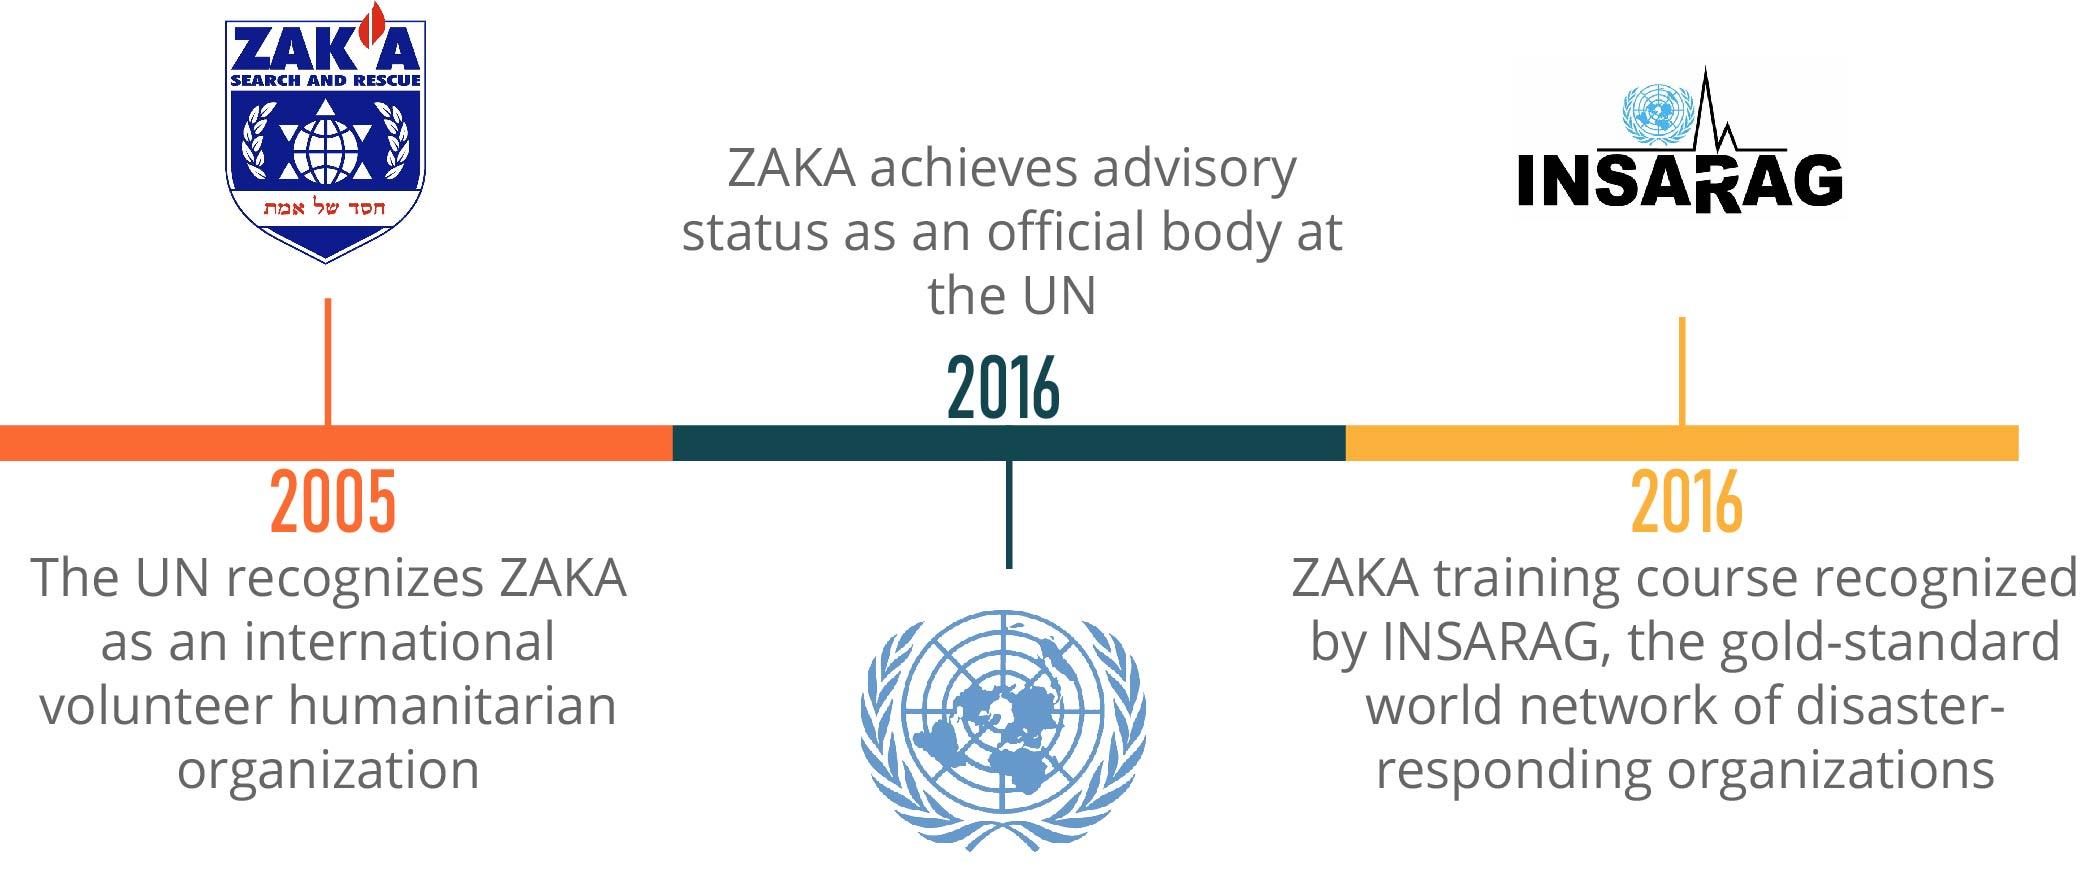 Zaka Timeline